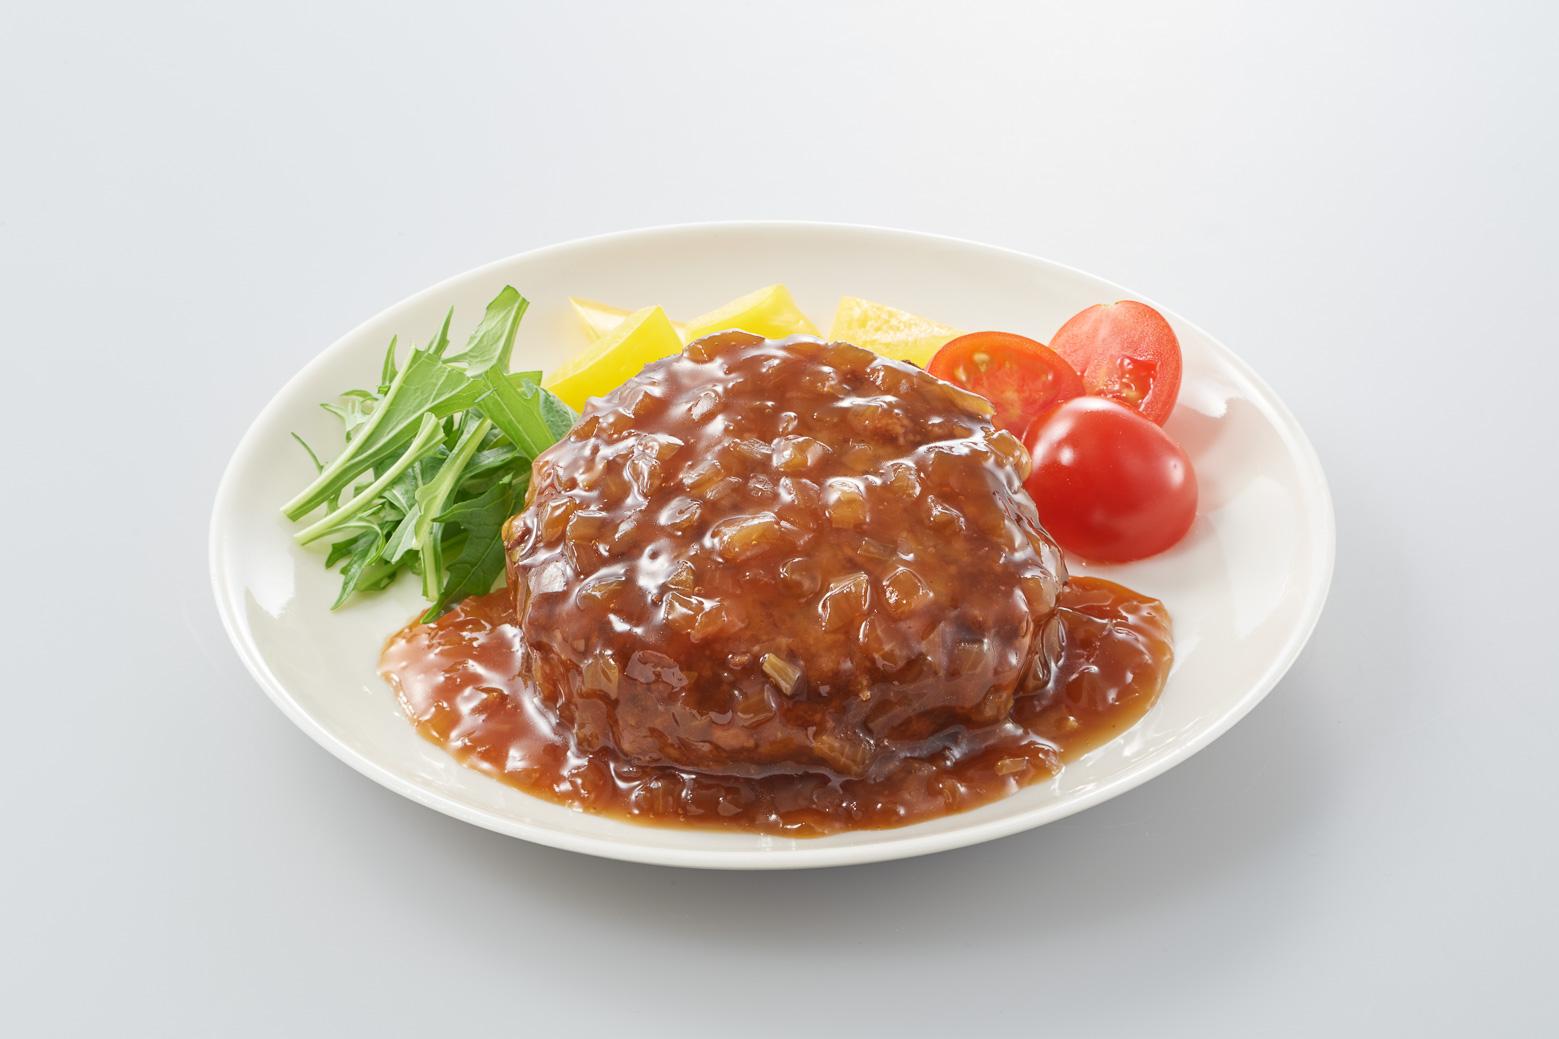 愛知県大府市産 知多3号玉ねぎ使用ハンバーグ たまり醤油のオニオンソース